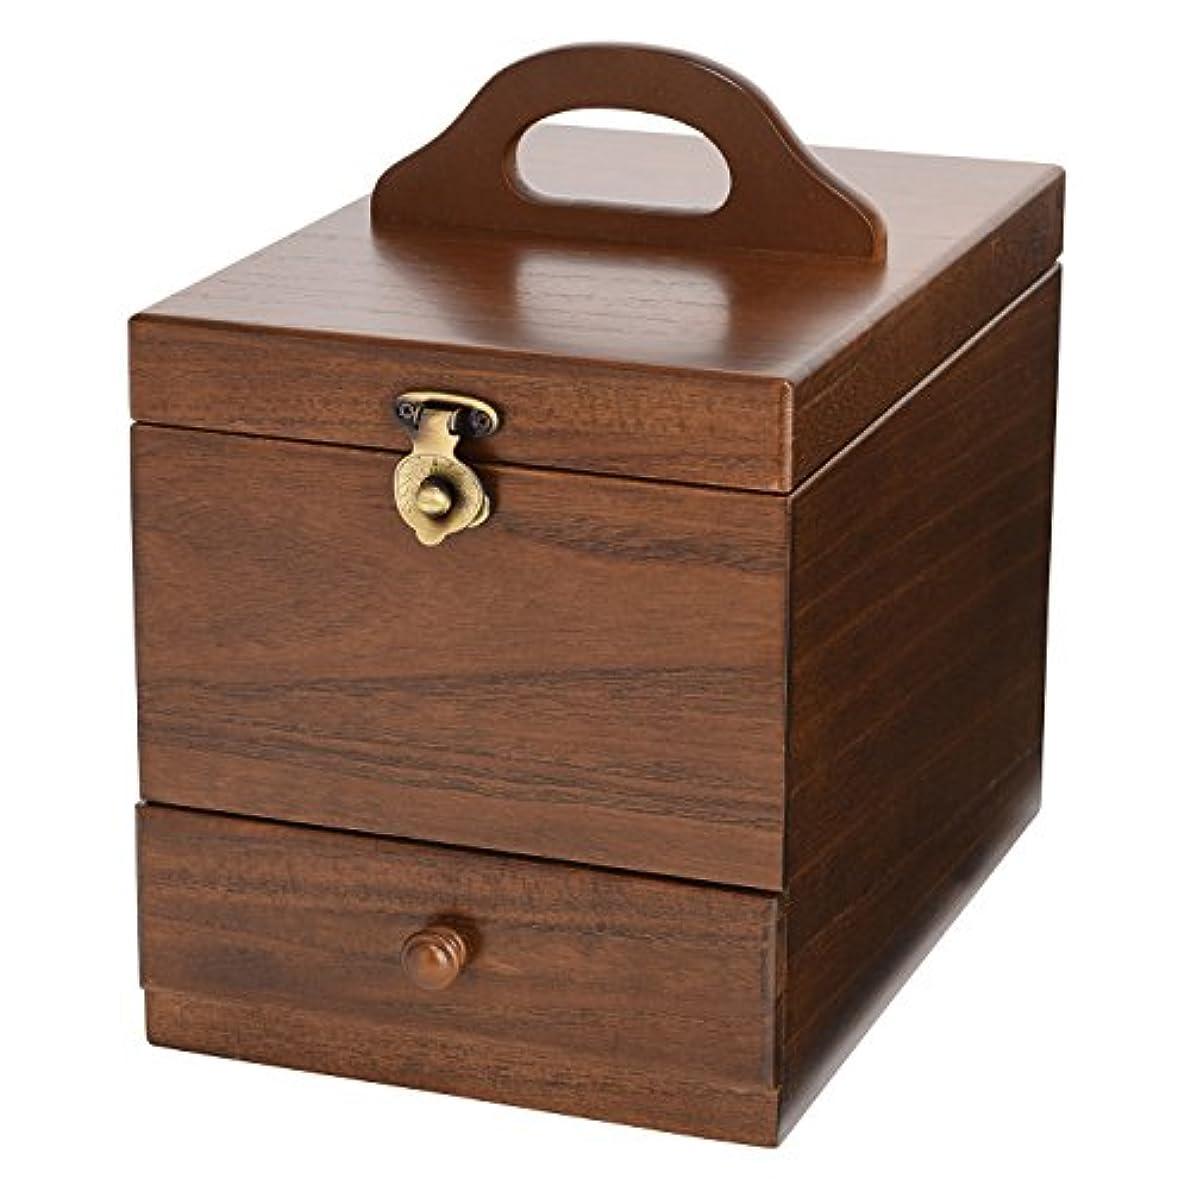 傾斜割合判定コスメボックス 日本製 静岡の熟練の木工職人の手作り 017-513